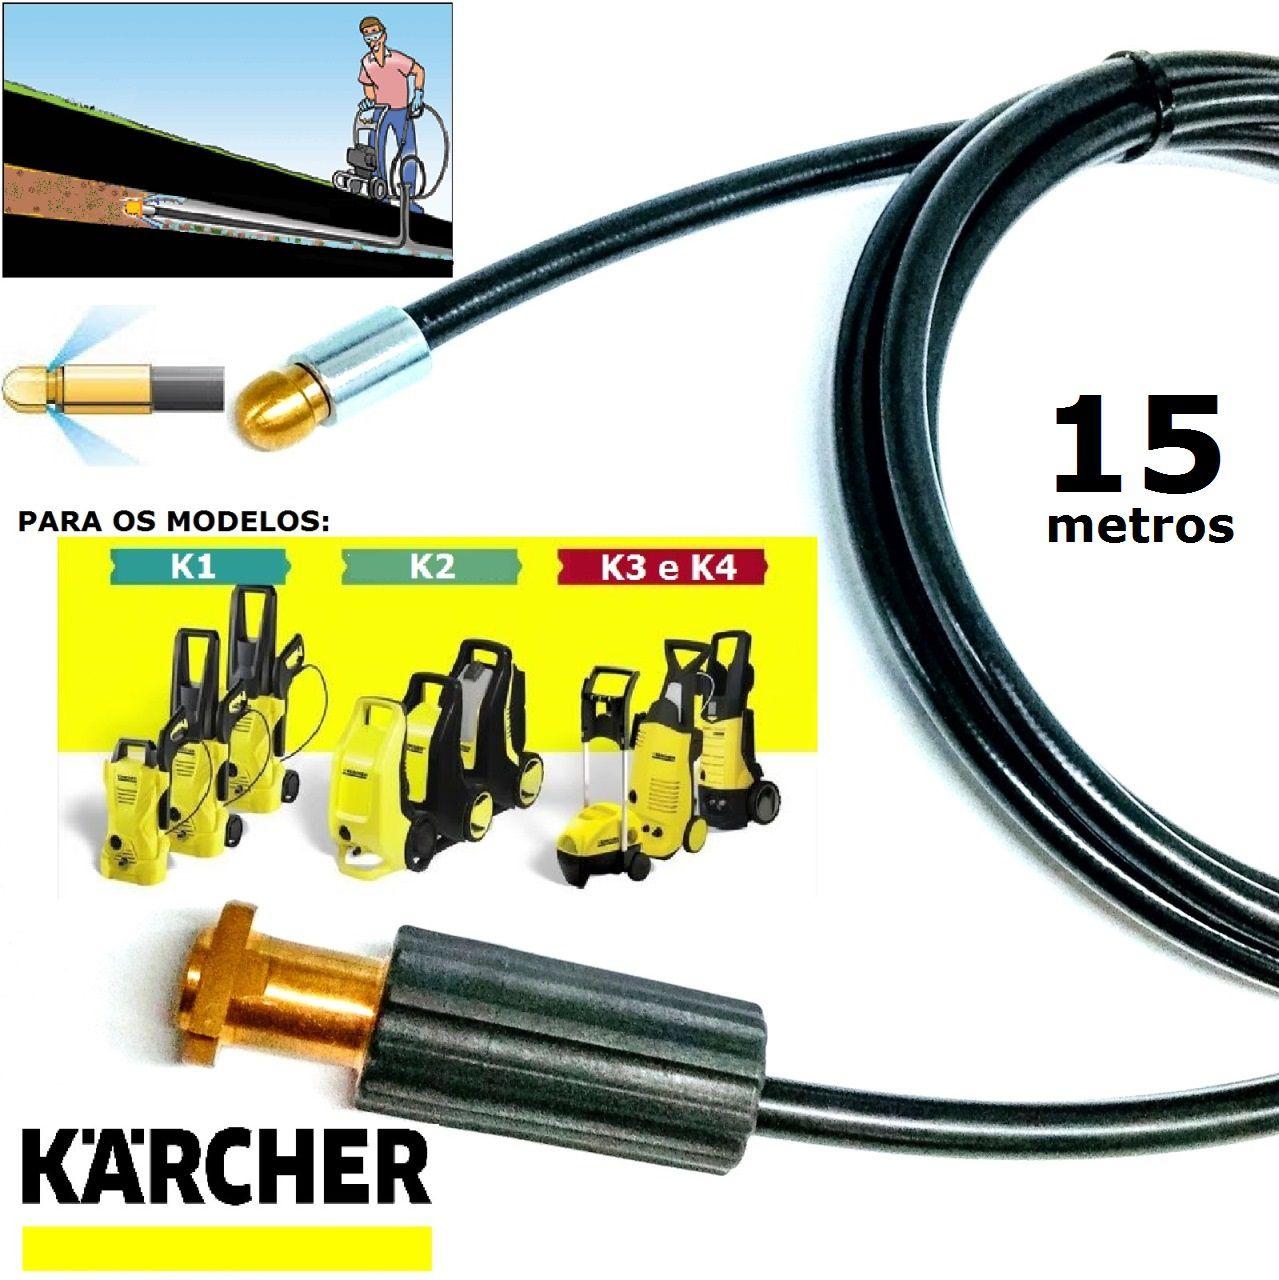 Mangueira desentupidora de tubulação para Karcher 15 Metros - k1 , k2 , k3 , k4 , k5